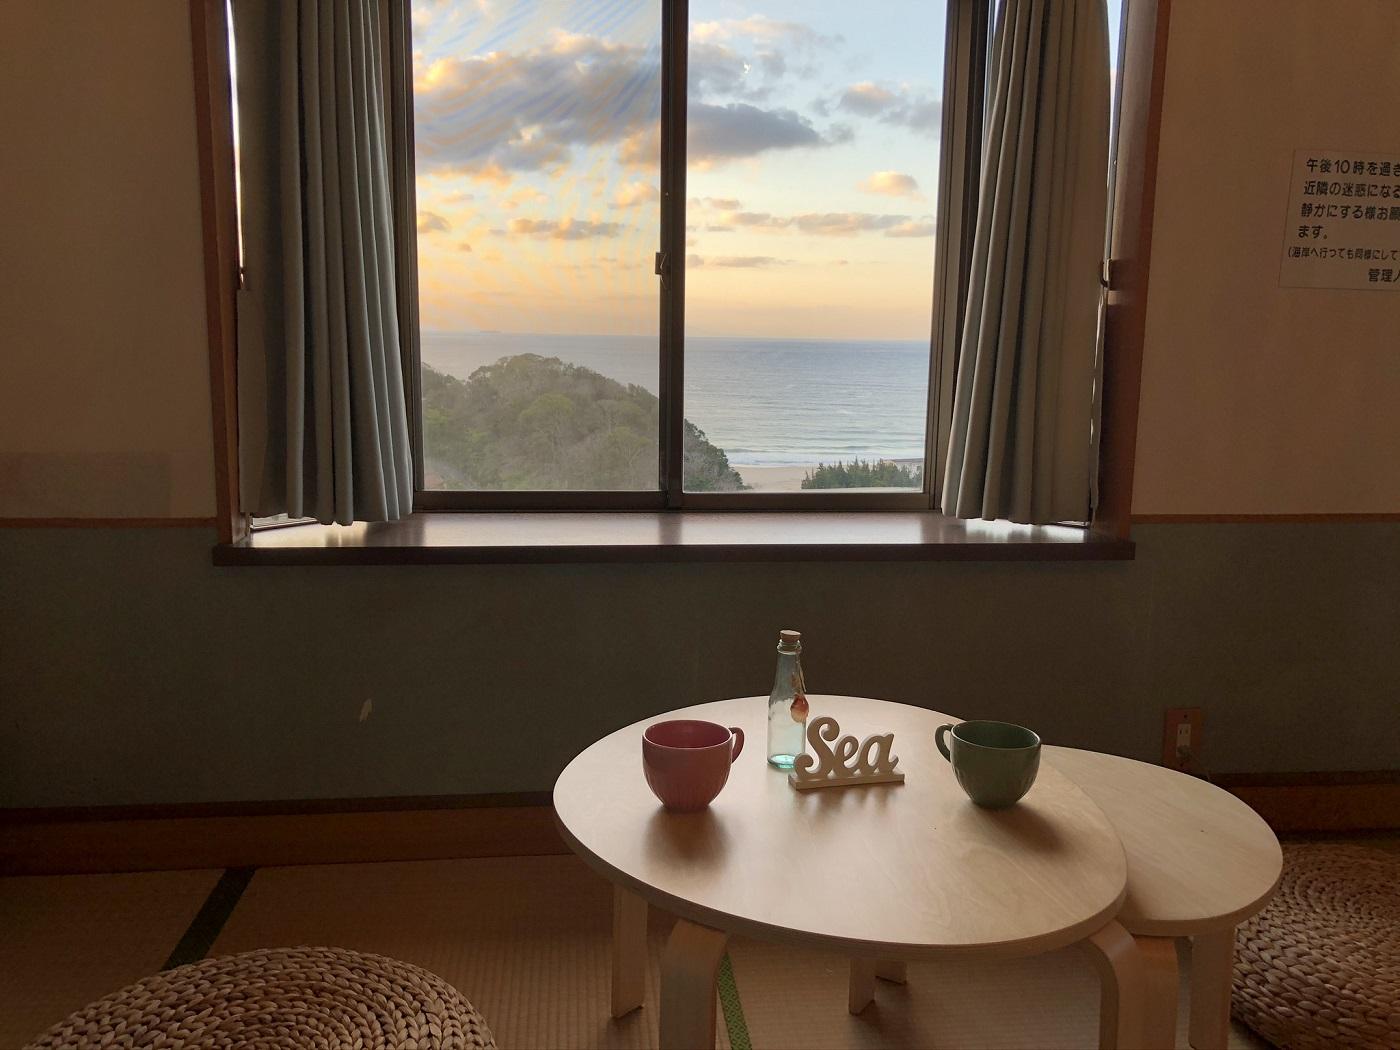 海沿いの景色が目の前に広がります。海辺のリゾート気分が手軽に楽しめる貸別荘です